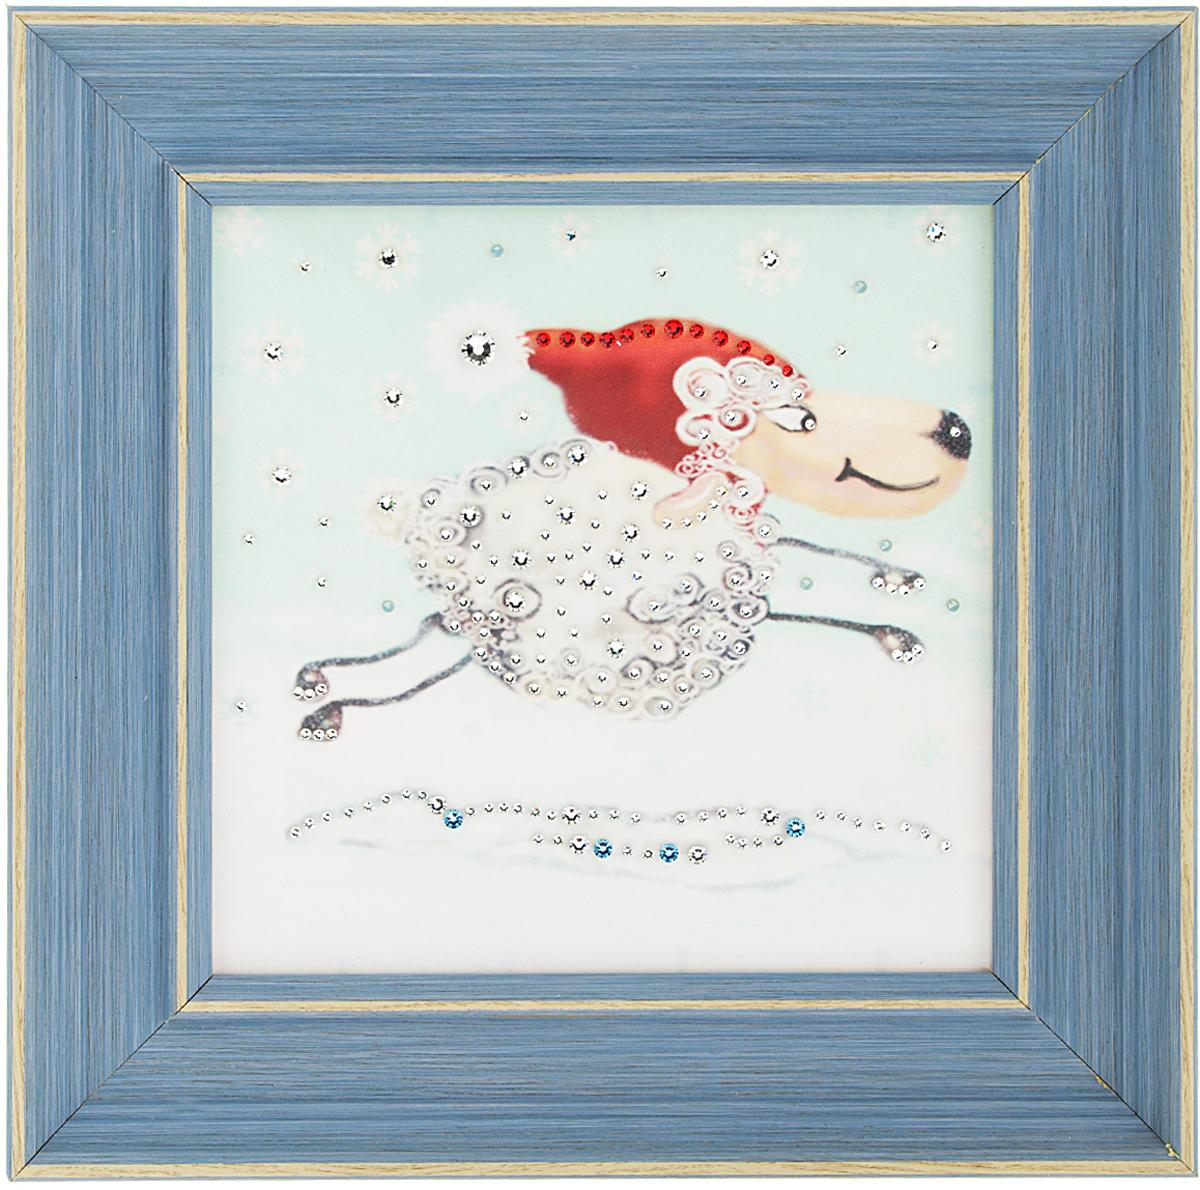 Картина с кристаллами Swarovski Праздник к нам приходит, 29 х 29 см1547Изящная картина в багетной раме, инкрустирована кристаллами Swarovski, которые отличаются четкой и ровной огранкой, ярким блеском и чистотой цвета. Красочное изображение бегущей овечки, расположенное под стеклом, прекрасно дополняет блеск кристаллов. С обратной стороны имеется металлическая петелька для размещения картины на стене. Картина с кристаллами Swarovski Праздник к нам приходит элегантно украсит интерьер дома или офиса, а также станет прекрасным подарком, который обязательно понравится получателю. Блеск кристаллов в интерьере, что может быть сказочнее и удивительнее. Картина упакована в подарочную картонную коробку синего цвета и комплектуется сертификатом соответствия Swarovski. Количество кристаллов: 130 шт. Размер картины: 29 см х 29 см.